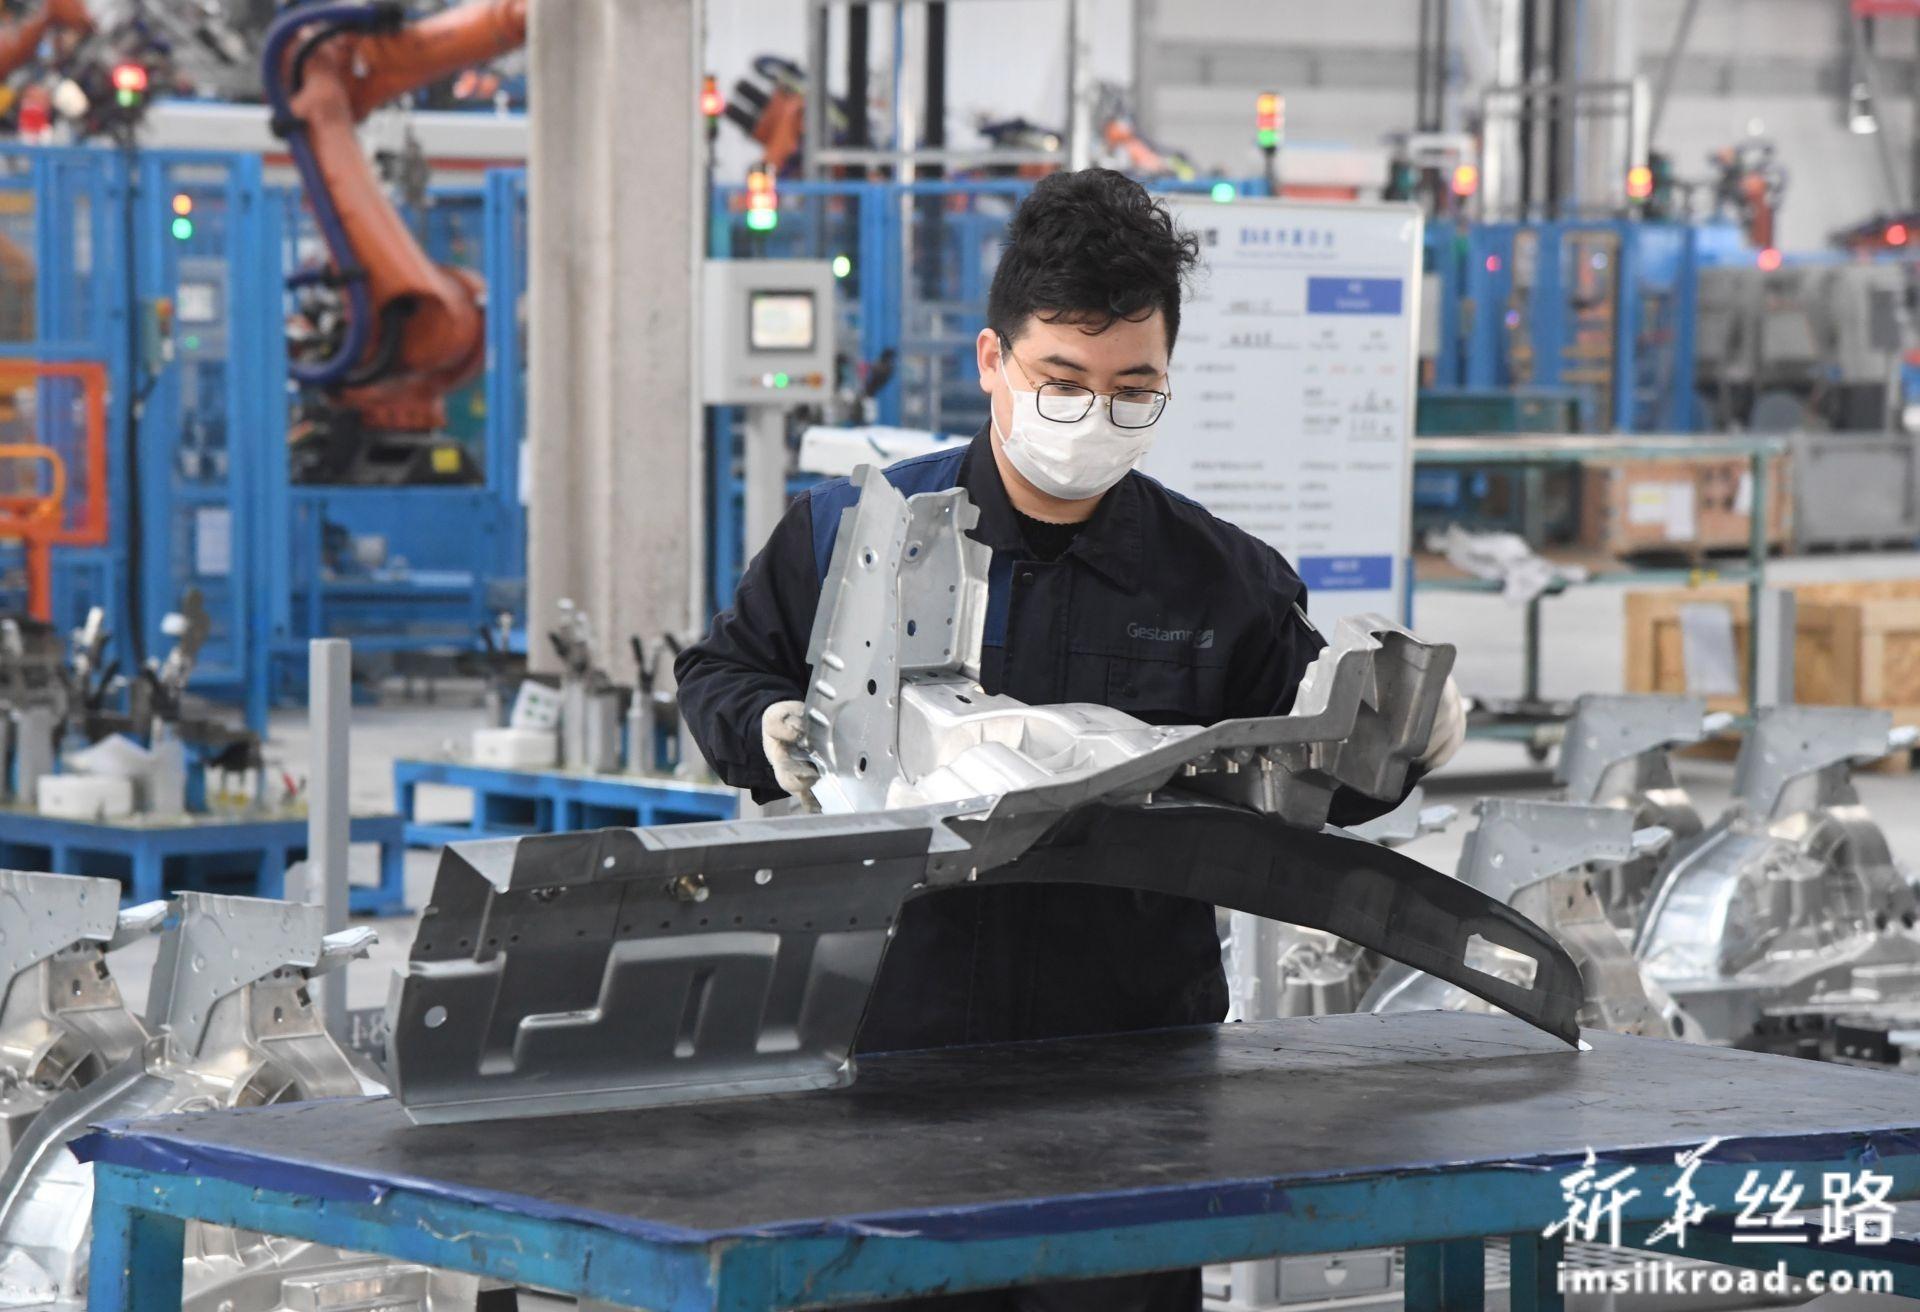 战疫情 稳增长 强信心——北京复工日生产建设一线见闻